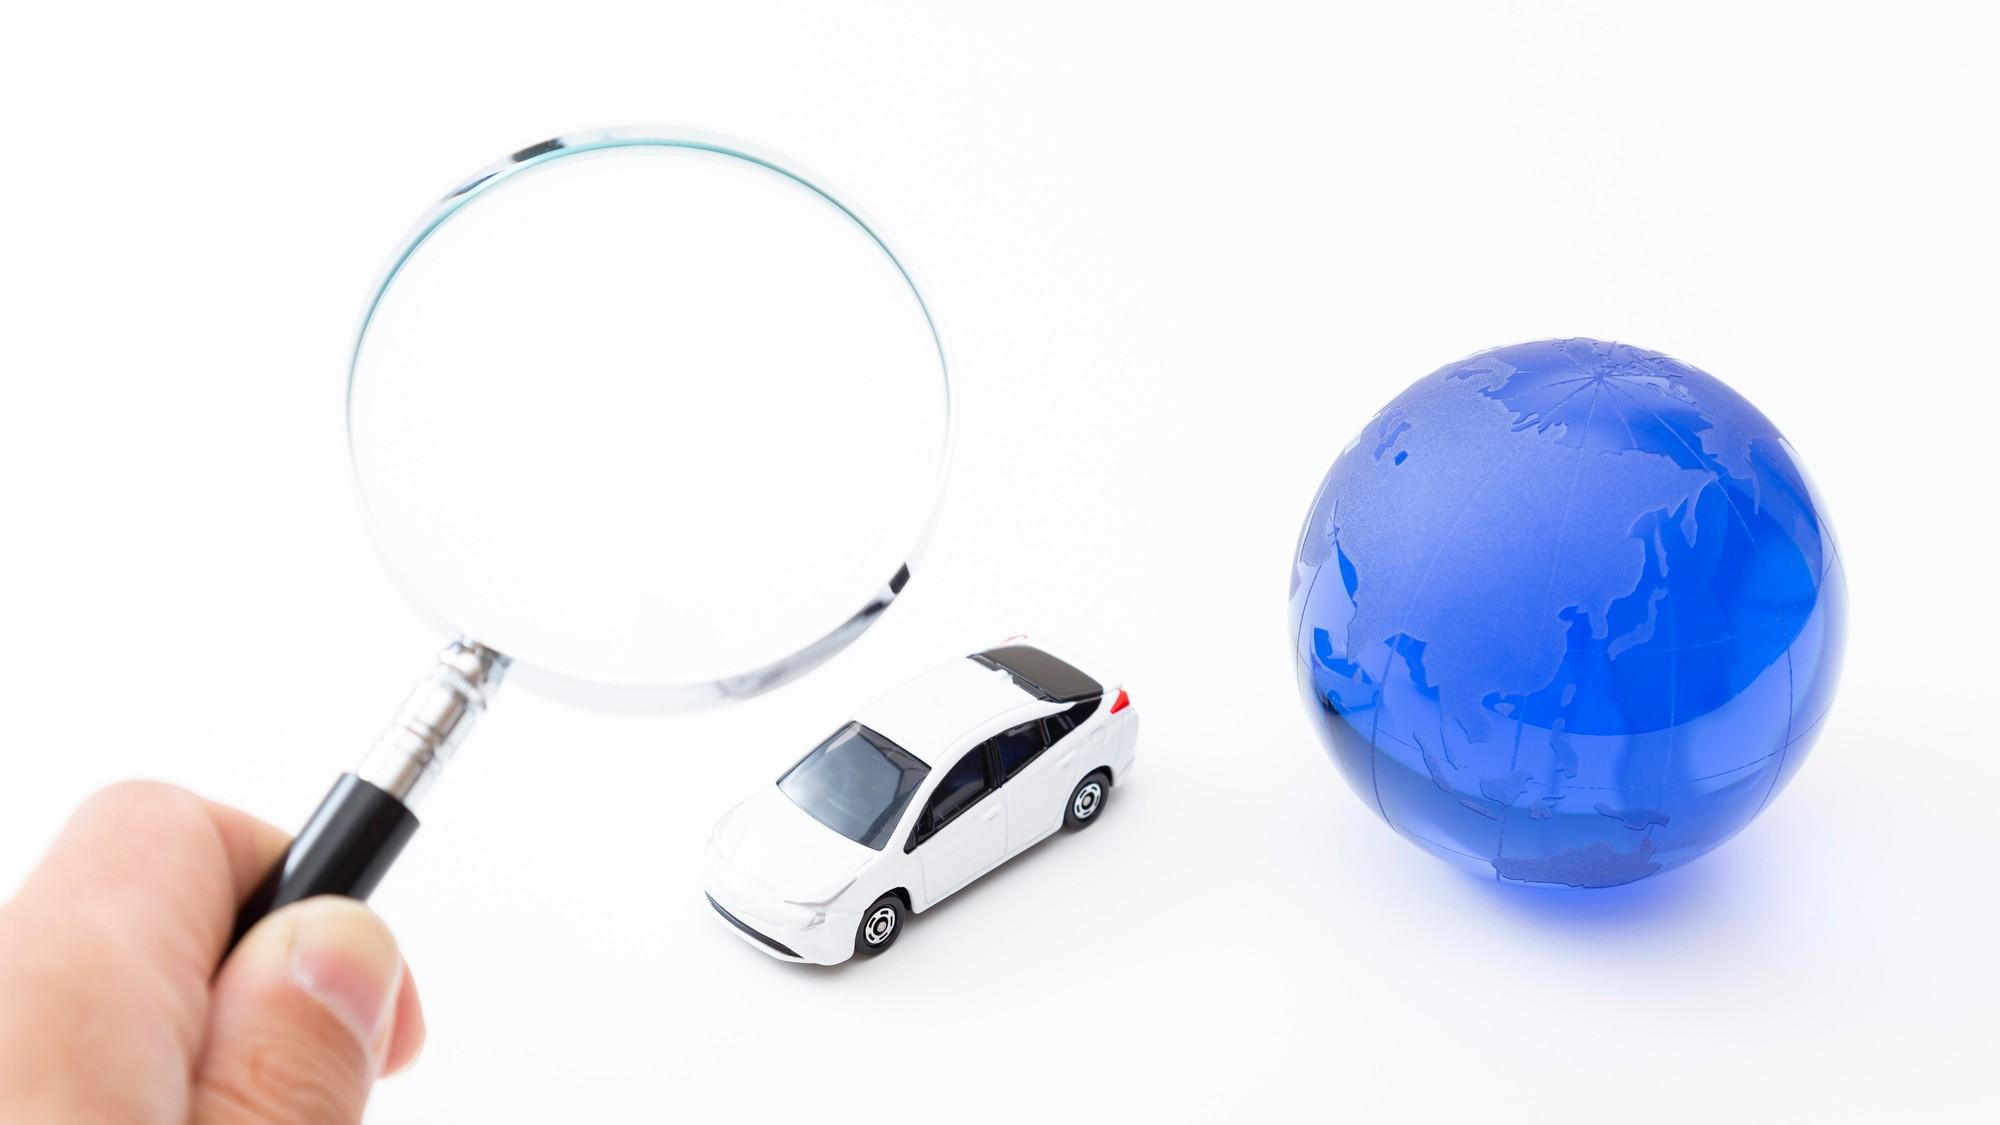 白い車が「あおり運転のターゲットになりやすい」は本当か?